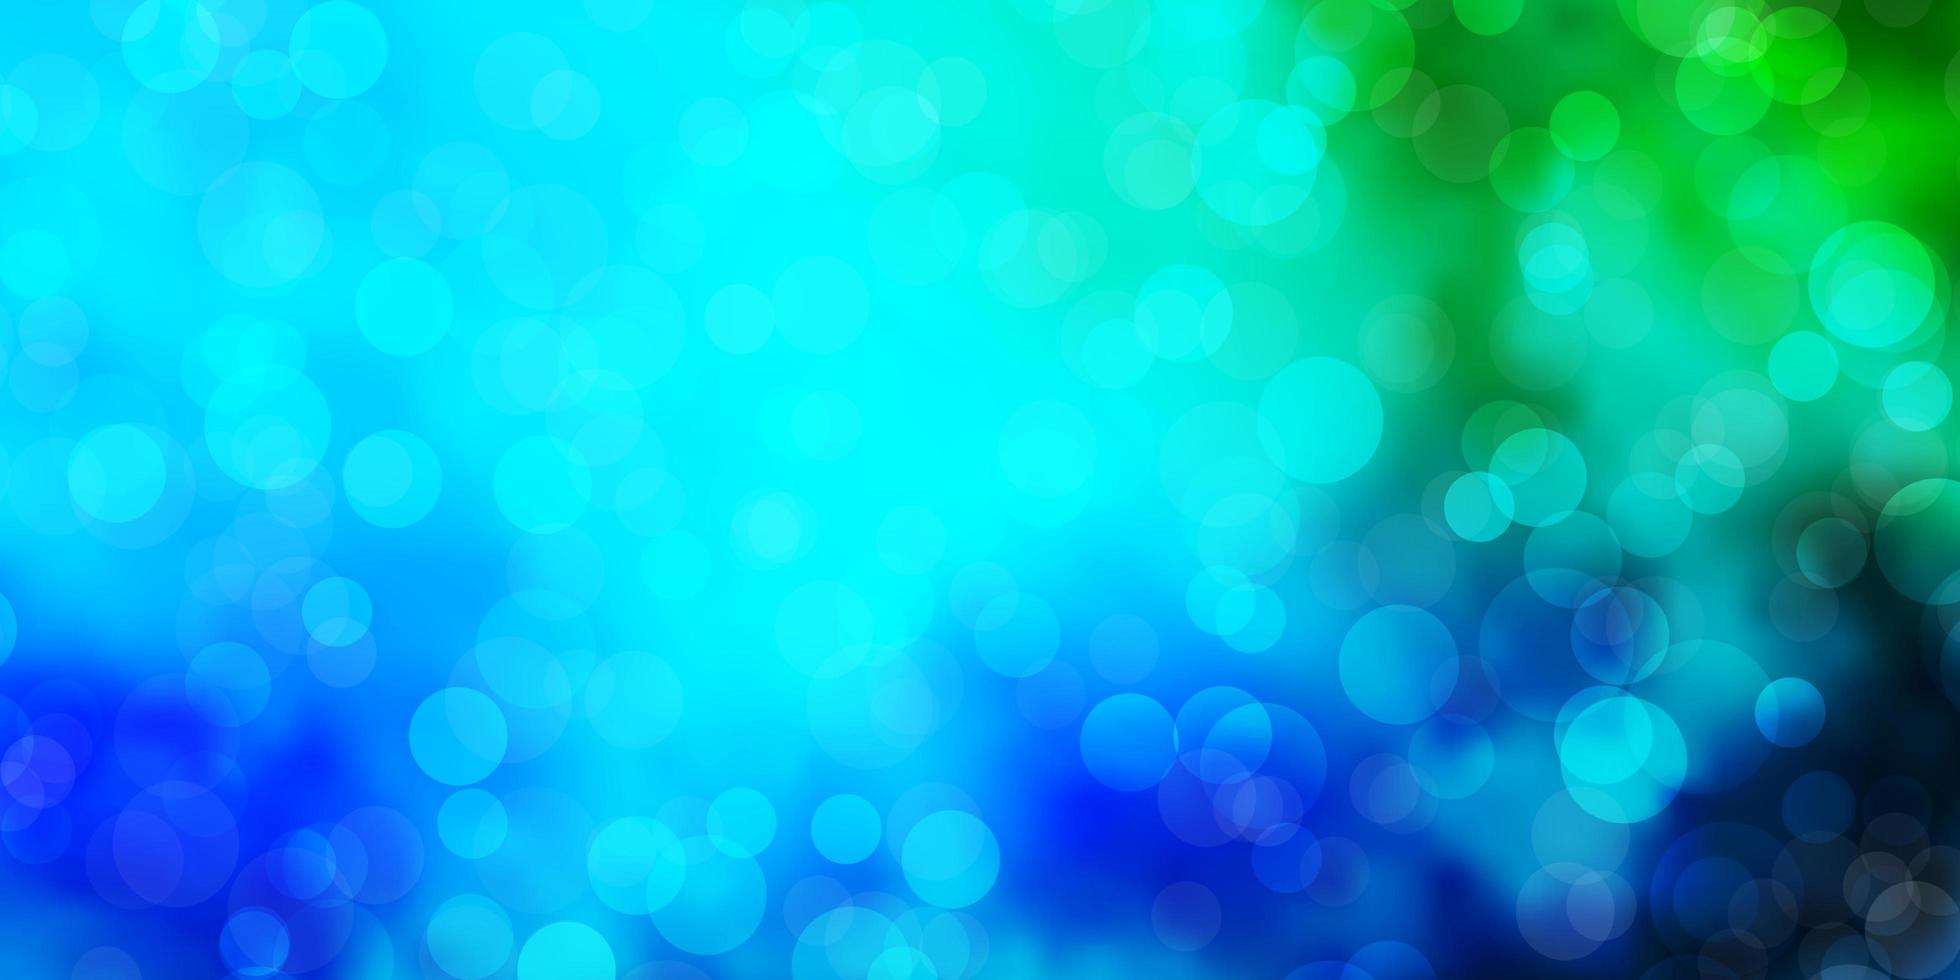 Fondo de vector azul claro, verde con círculos.